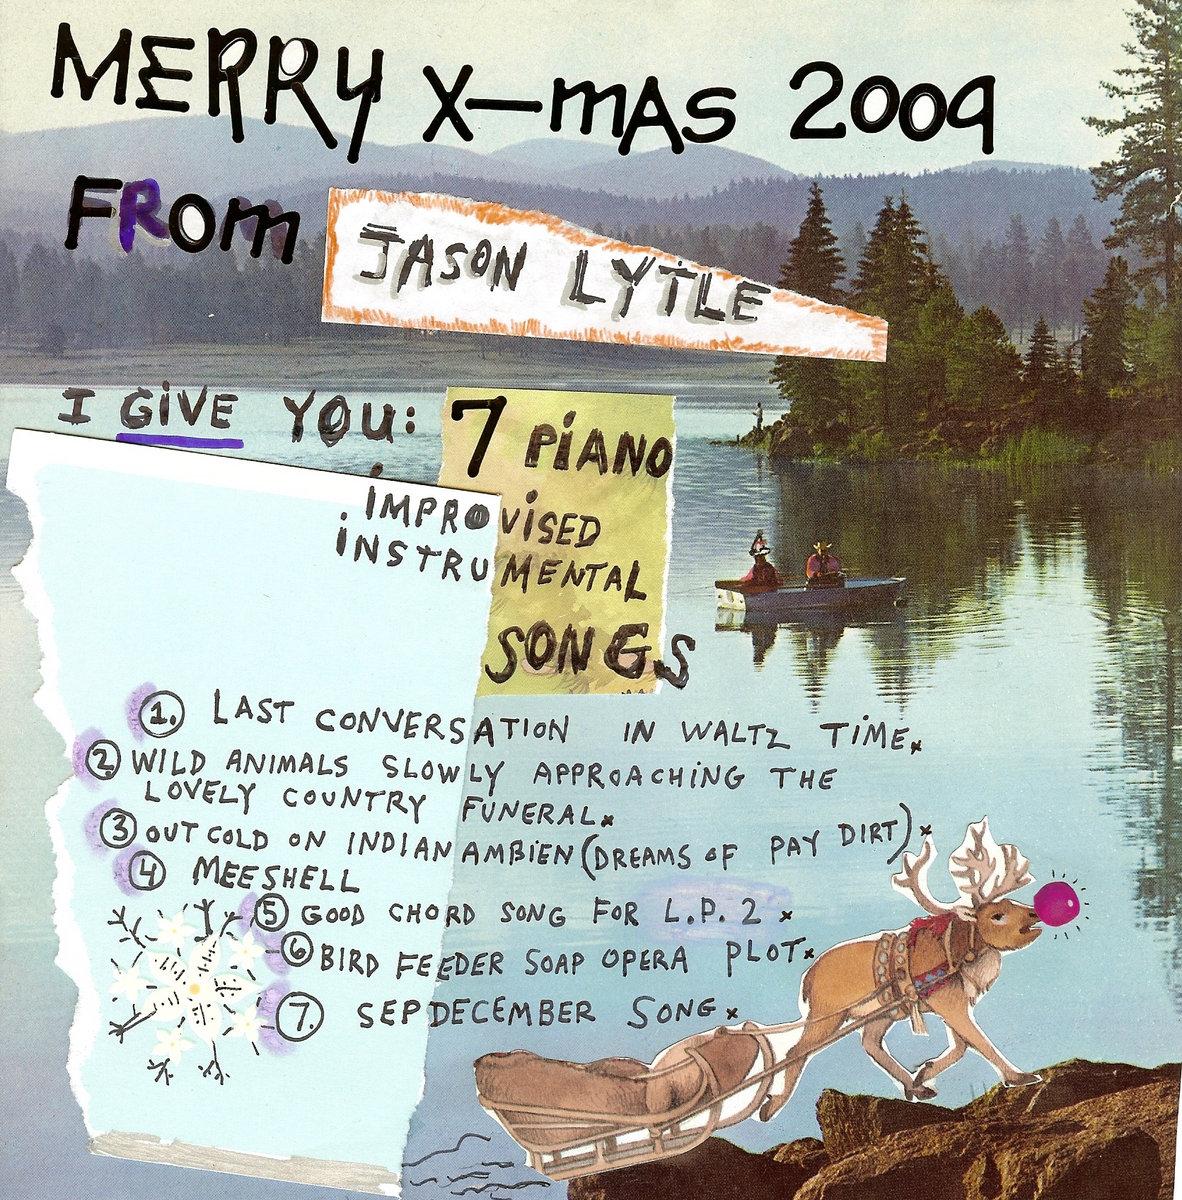 merry x-mas 2009 | jason lytle